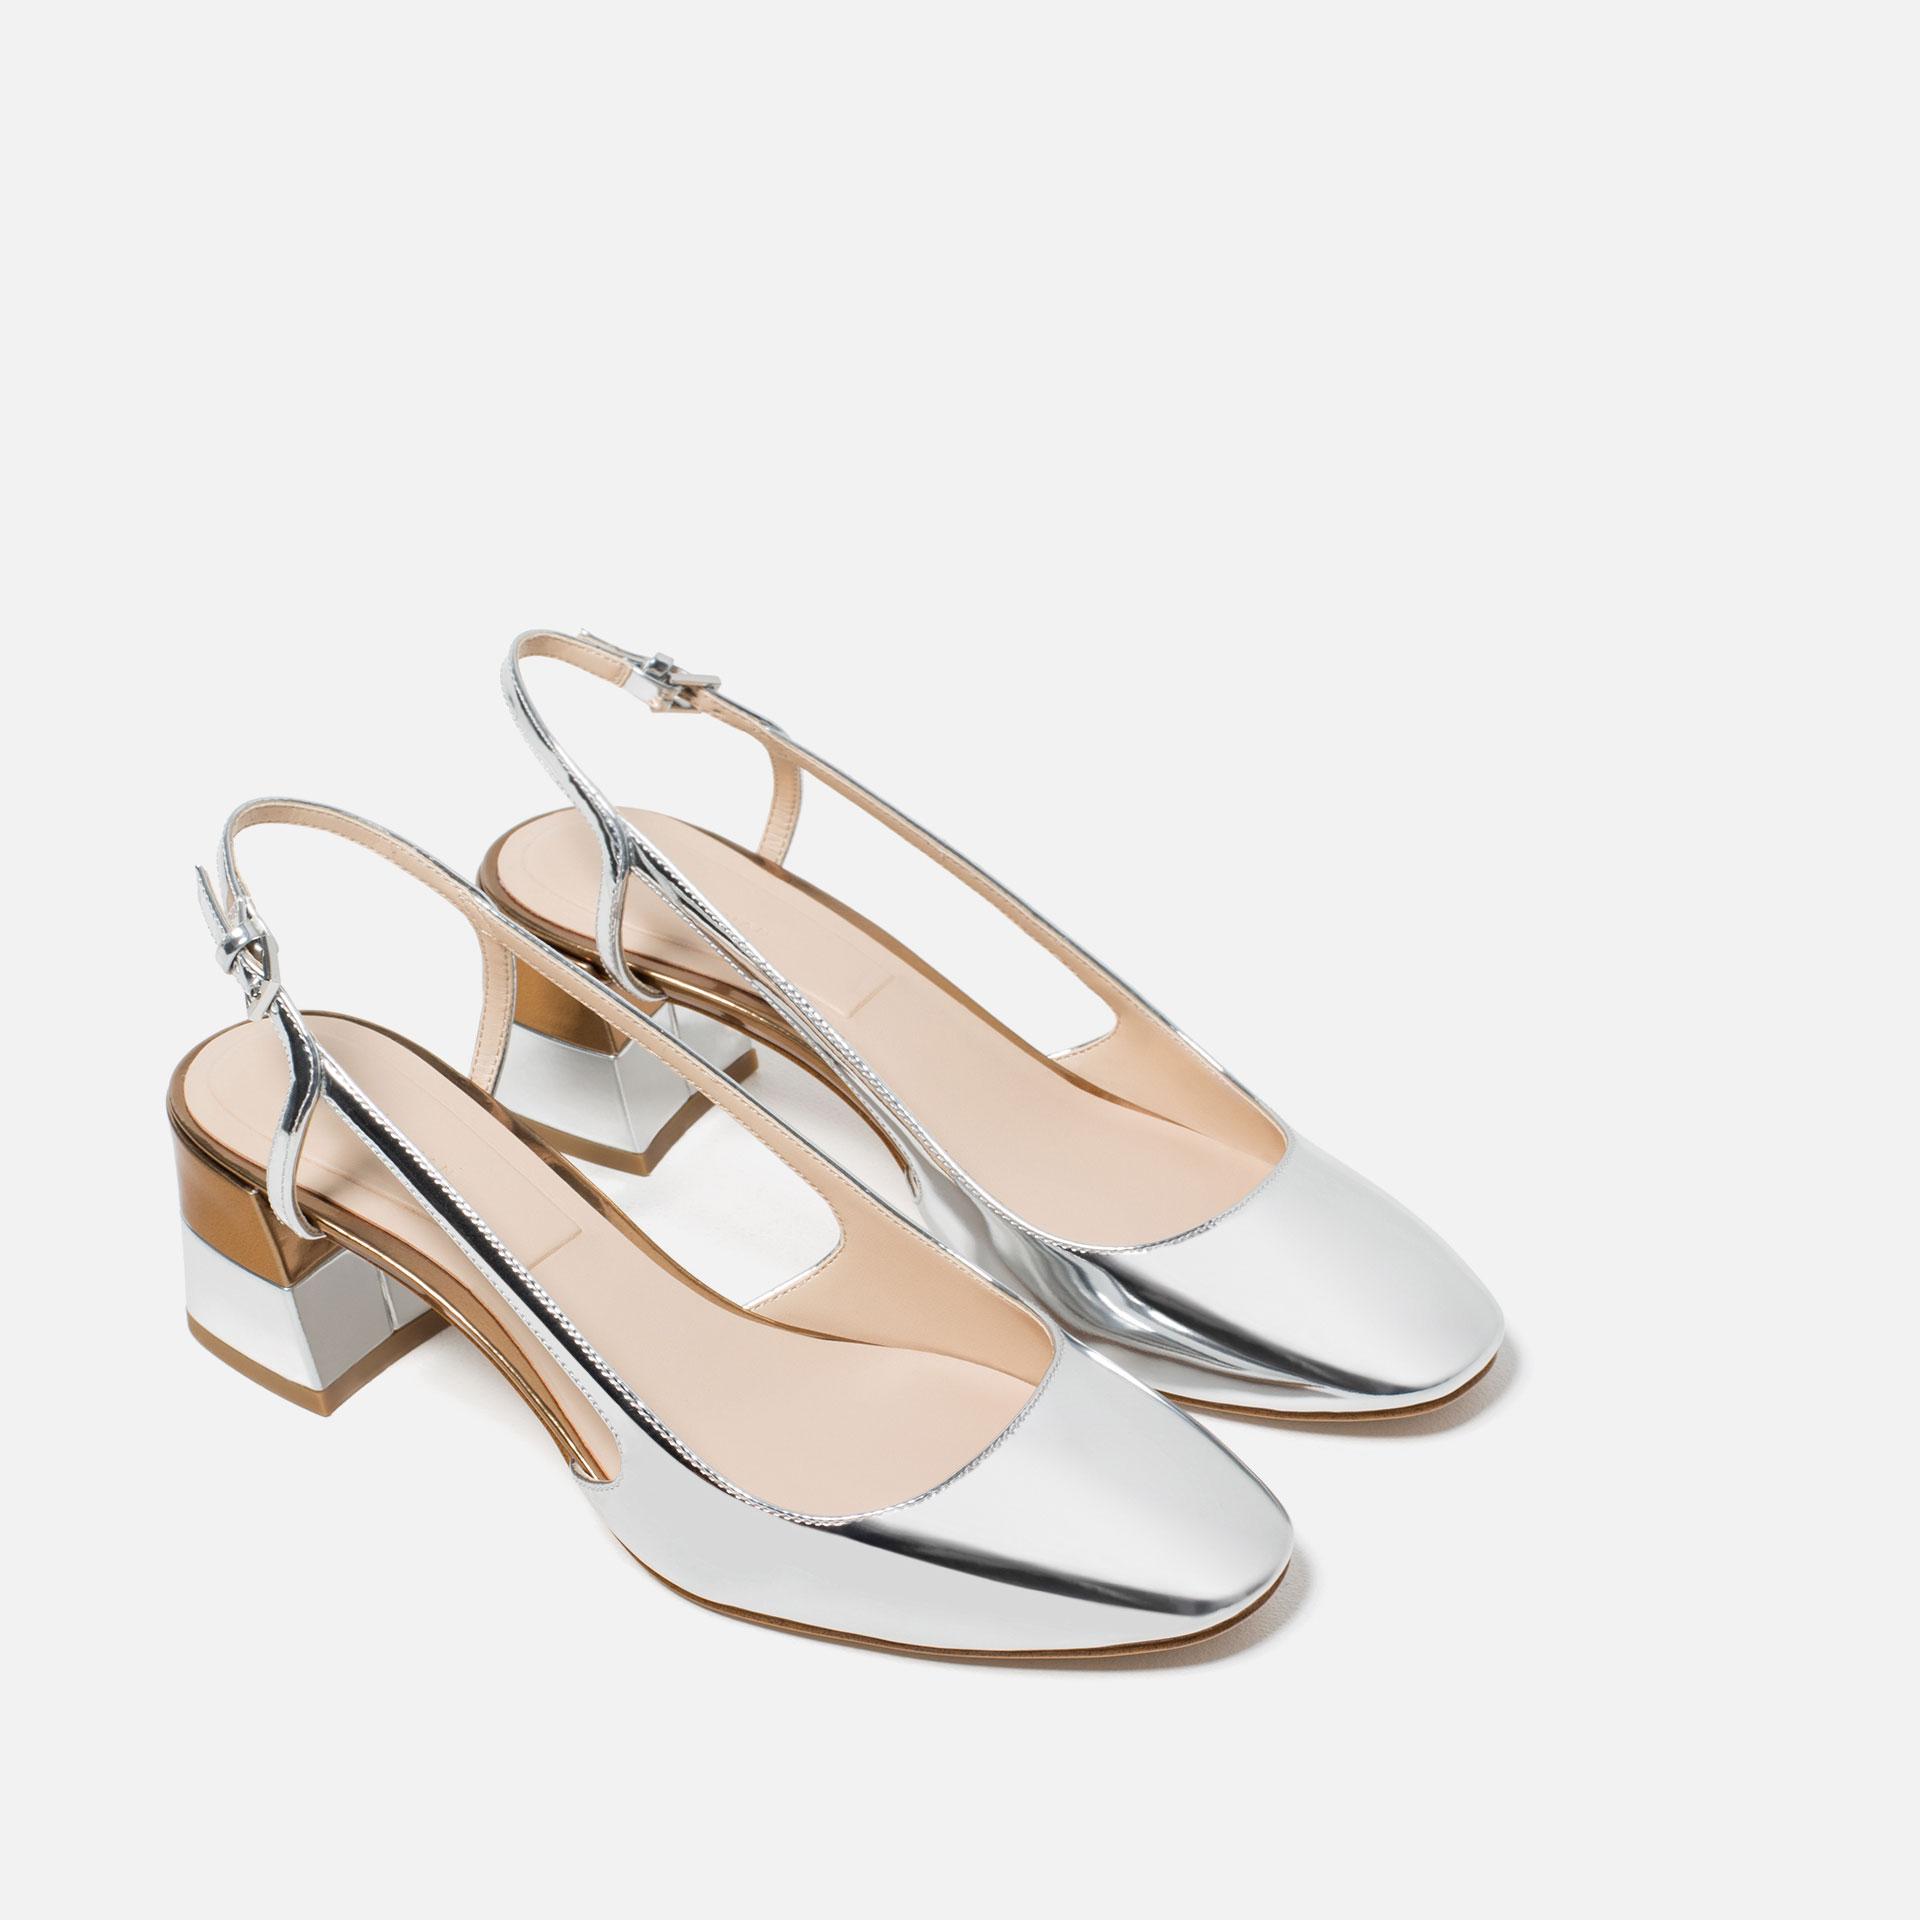 Tarz ayakkabı zara 6